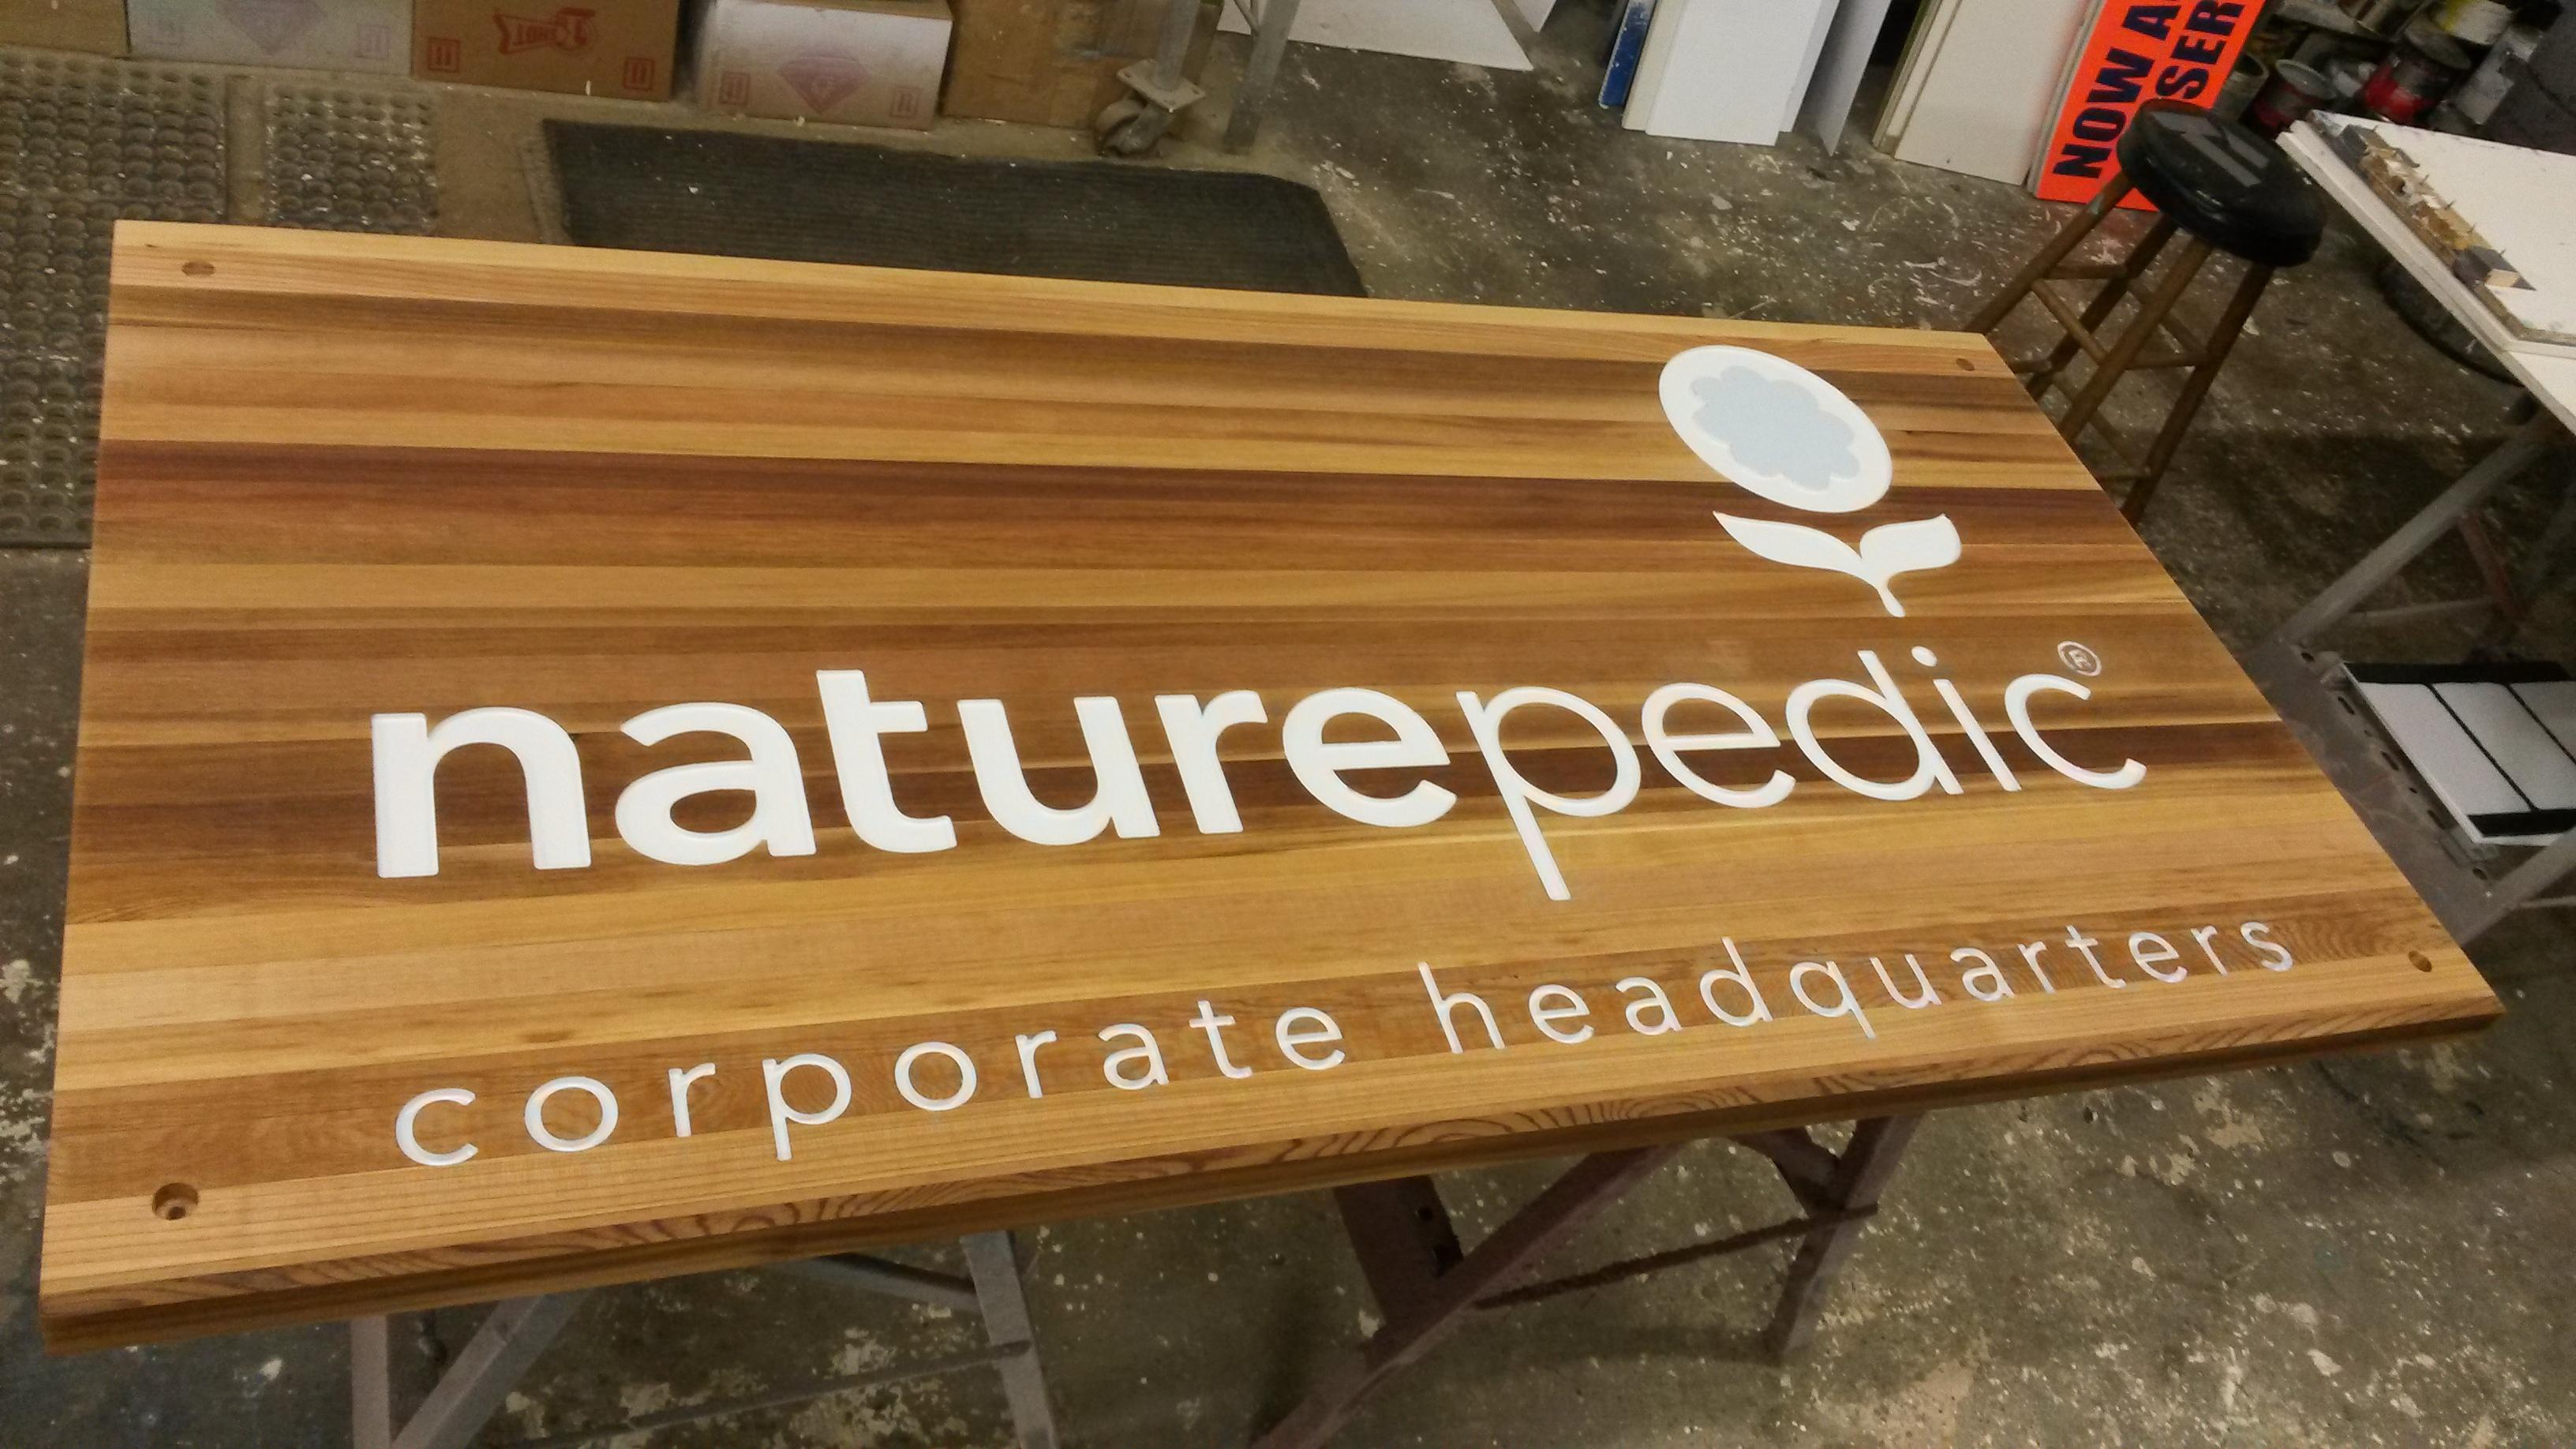 Naturepedic